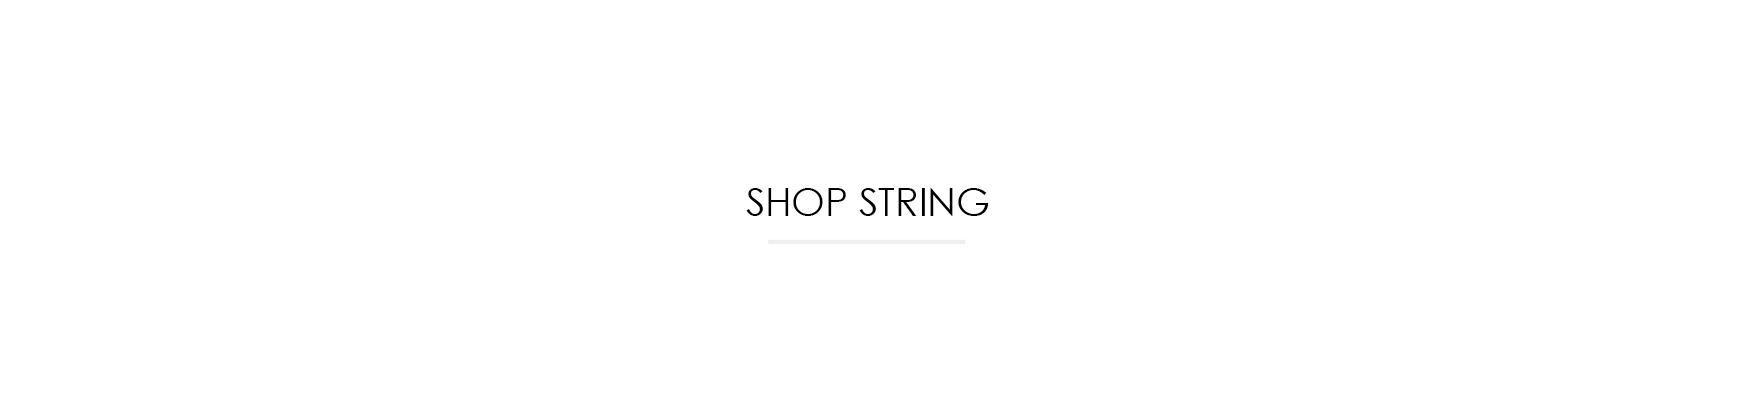 Shop String møbler